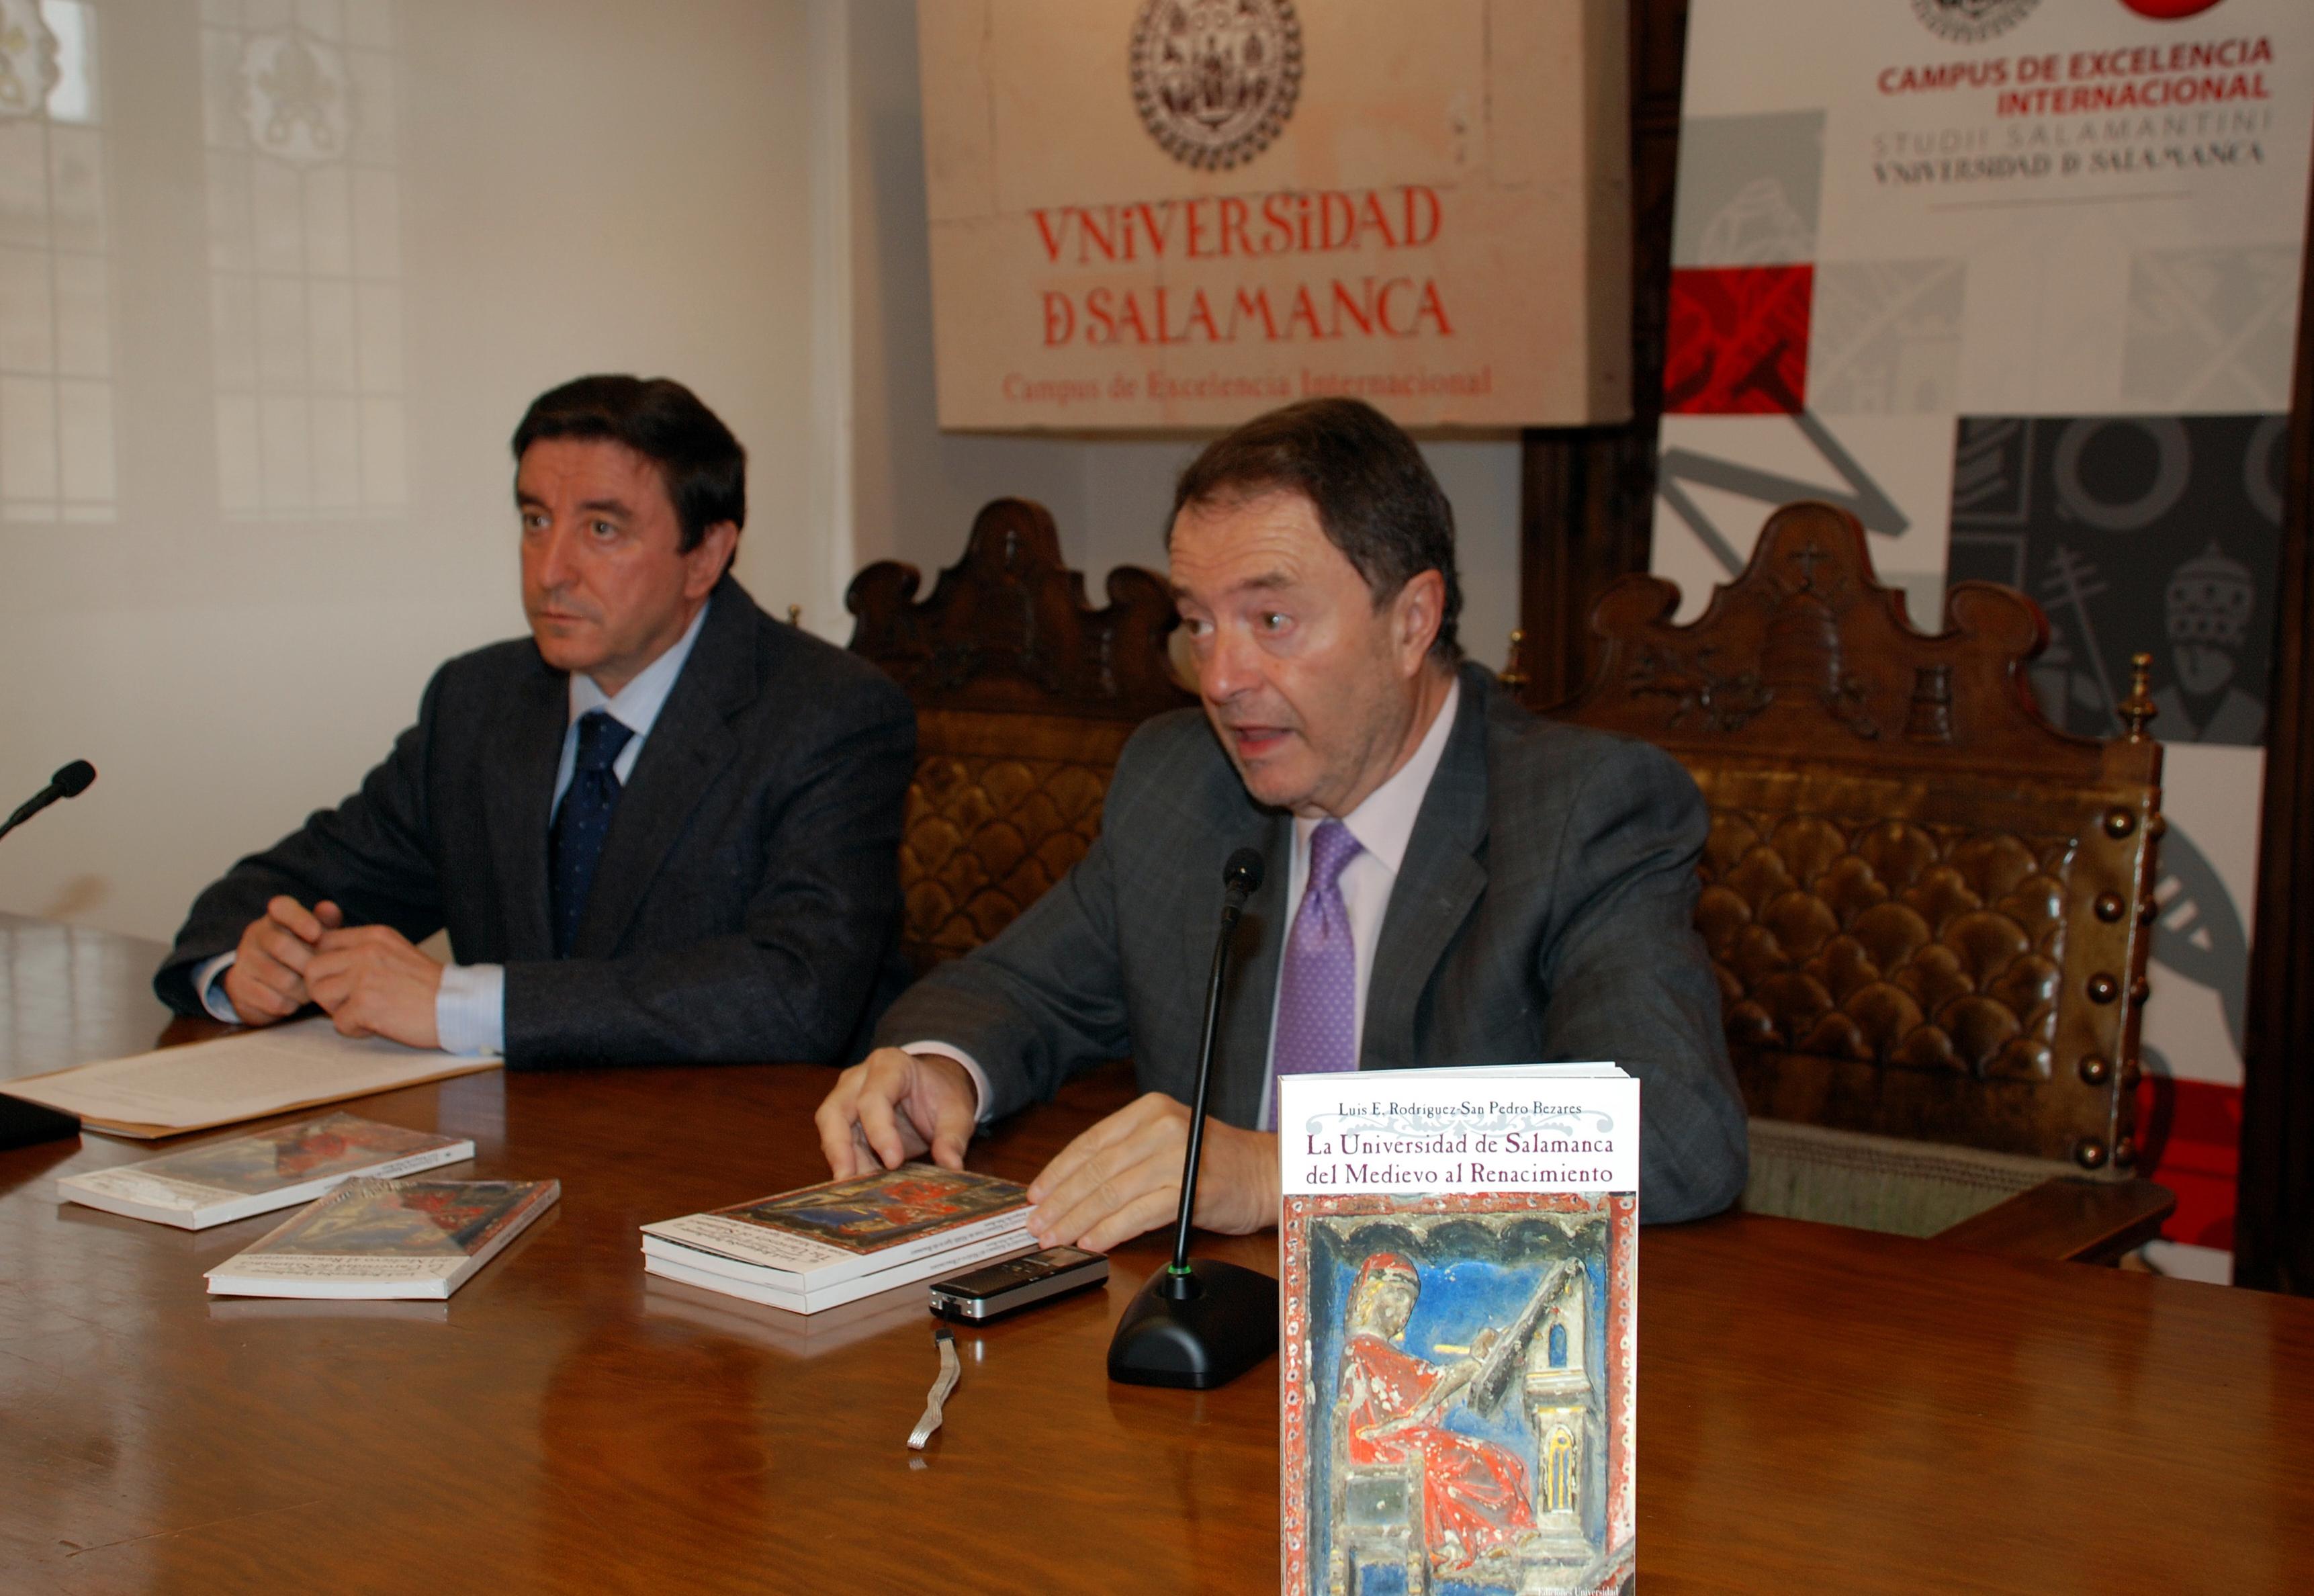 La Oficina del VIII Centenario presenta el libro 'La Universidad de Salamanca del Medievo al Renacimiento'